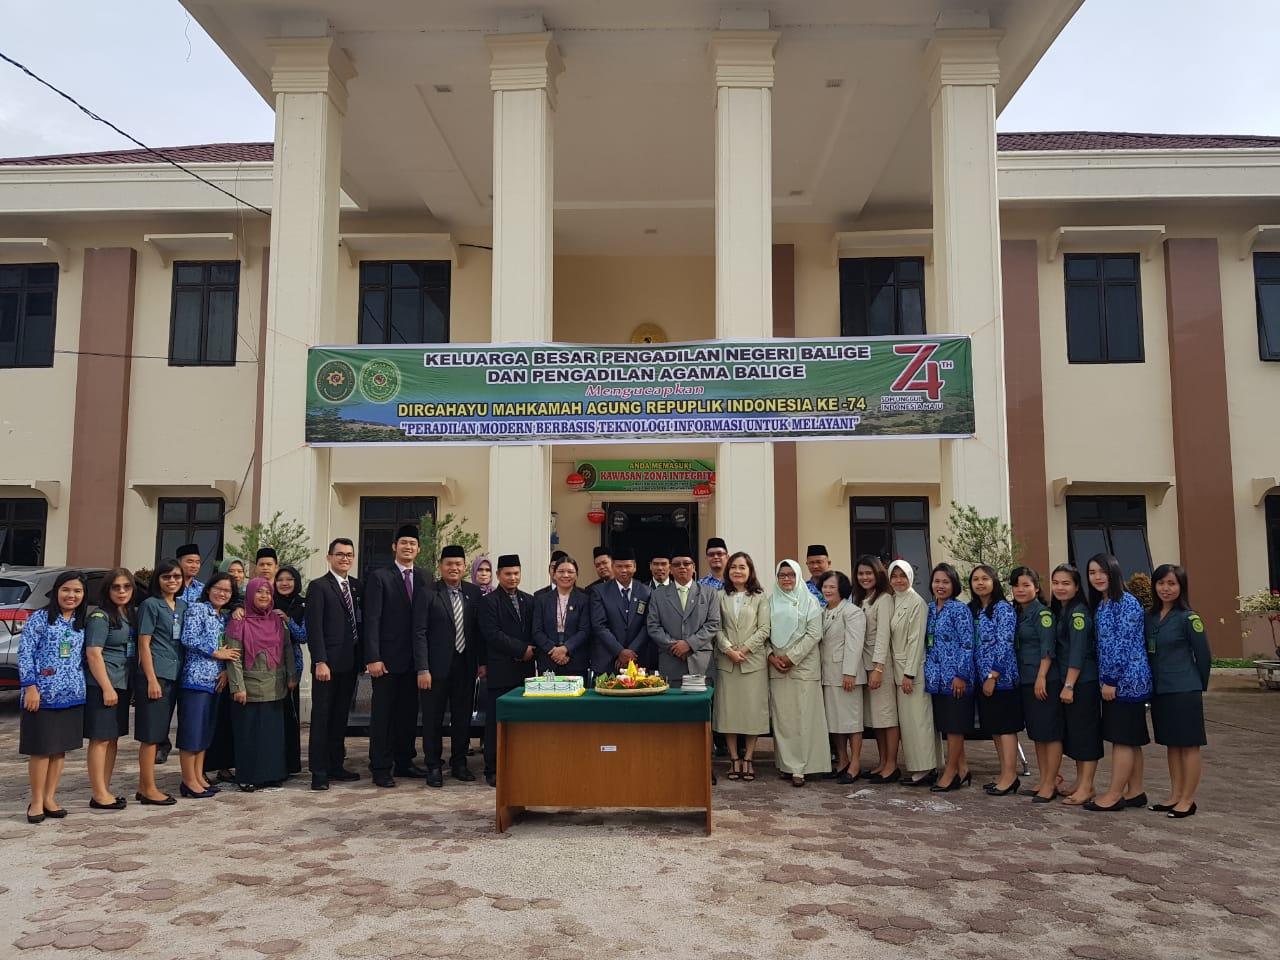 Upacara bersama Pengadilan Negeri Balige dan Pengadilan Agama Balige Memperingati Hari Ulang Tahun Mahkamah Agung RI ke-74 Tahun 2019.